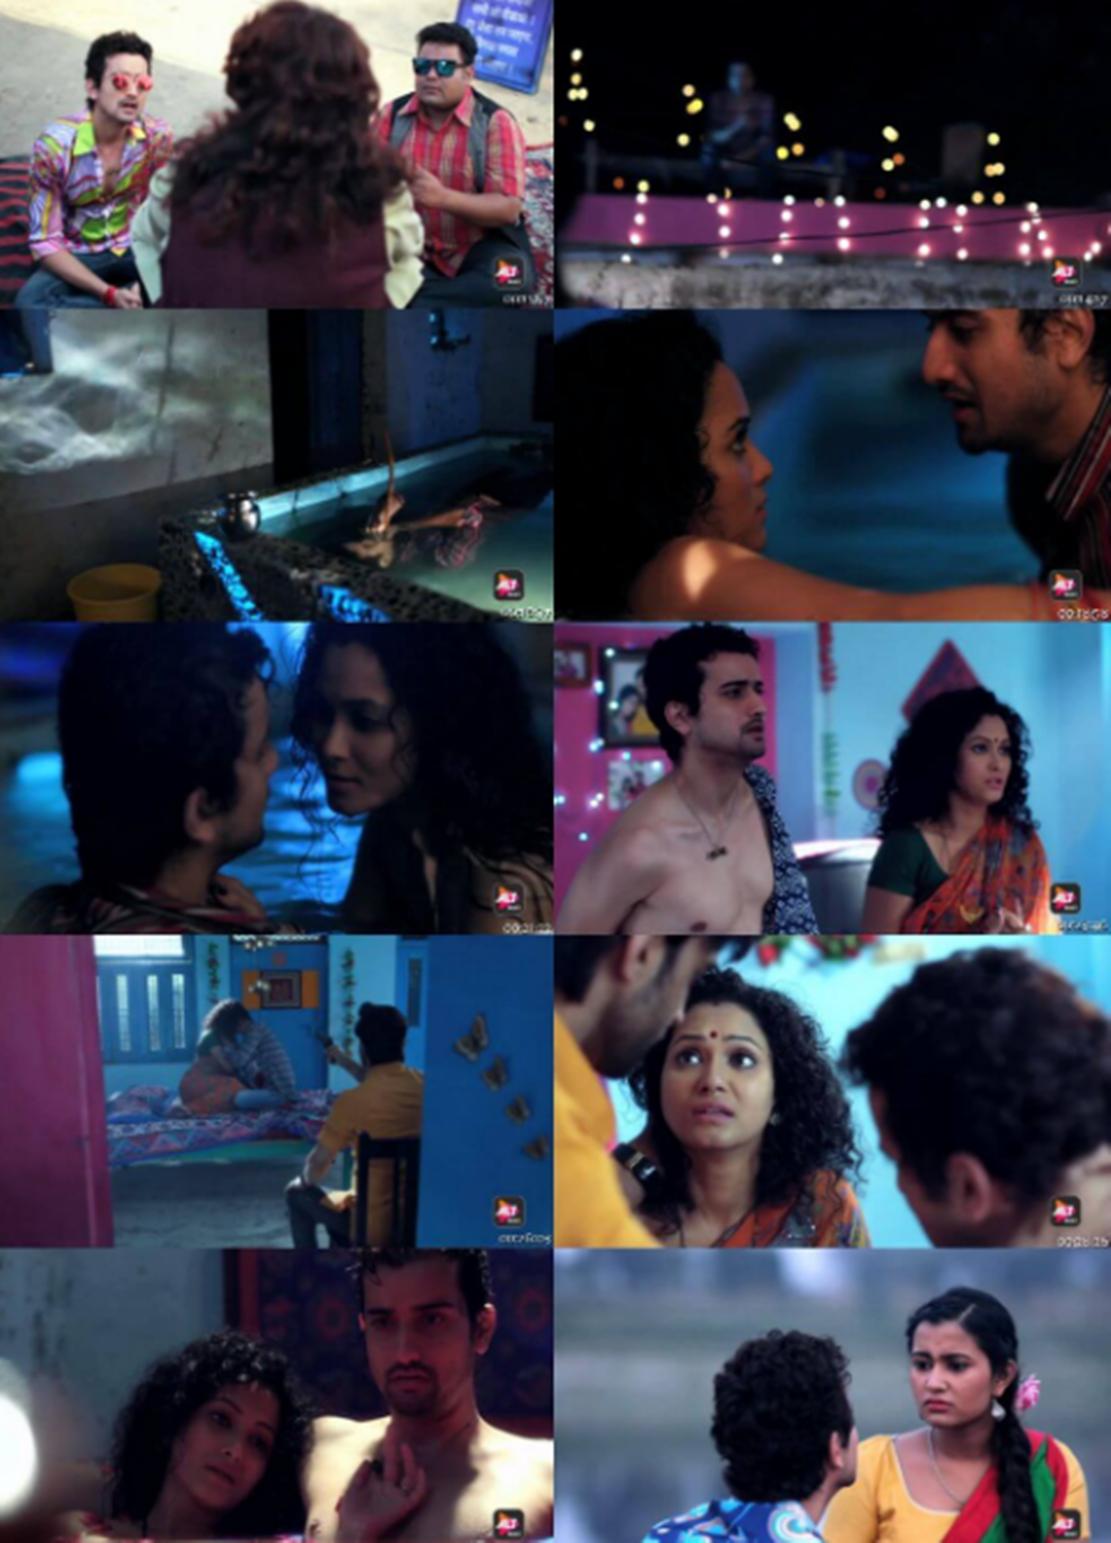 [18+] Gandii Baat 2018 Hindi Complete Season 1 [Episode 1-4] 720p HDRip Gandii Baat 2018